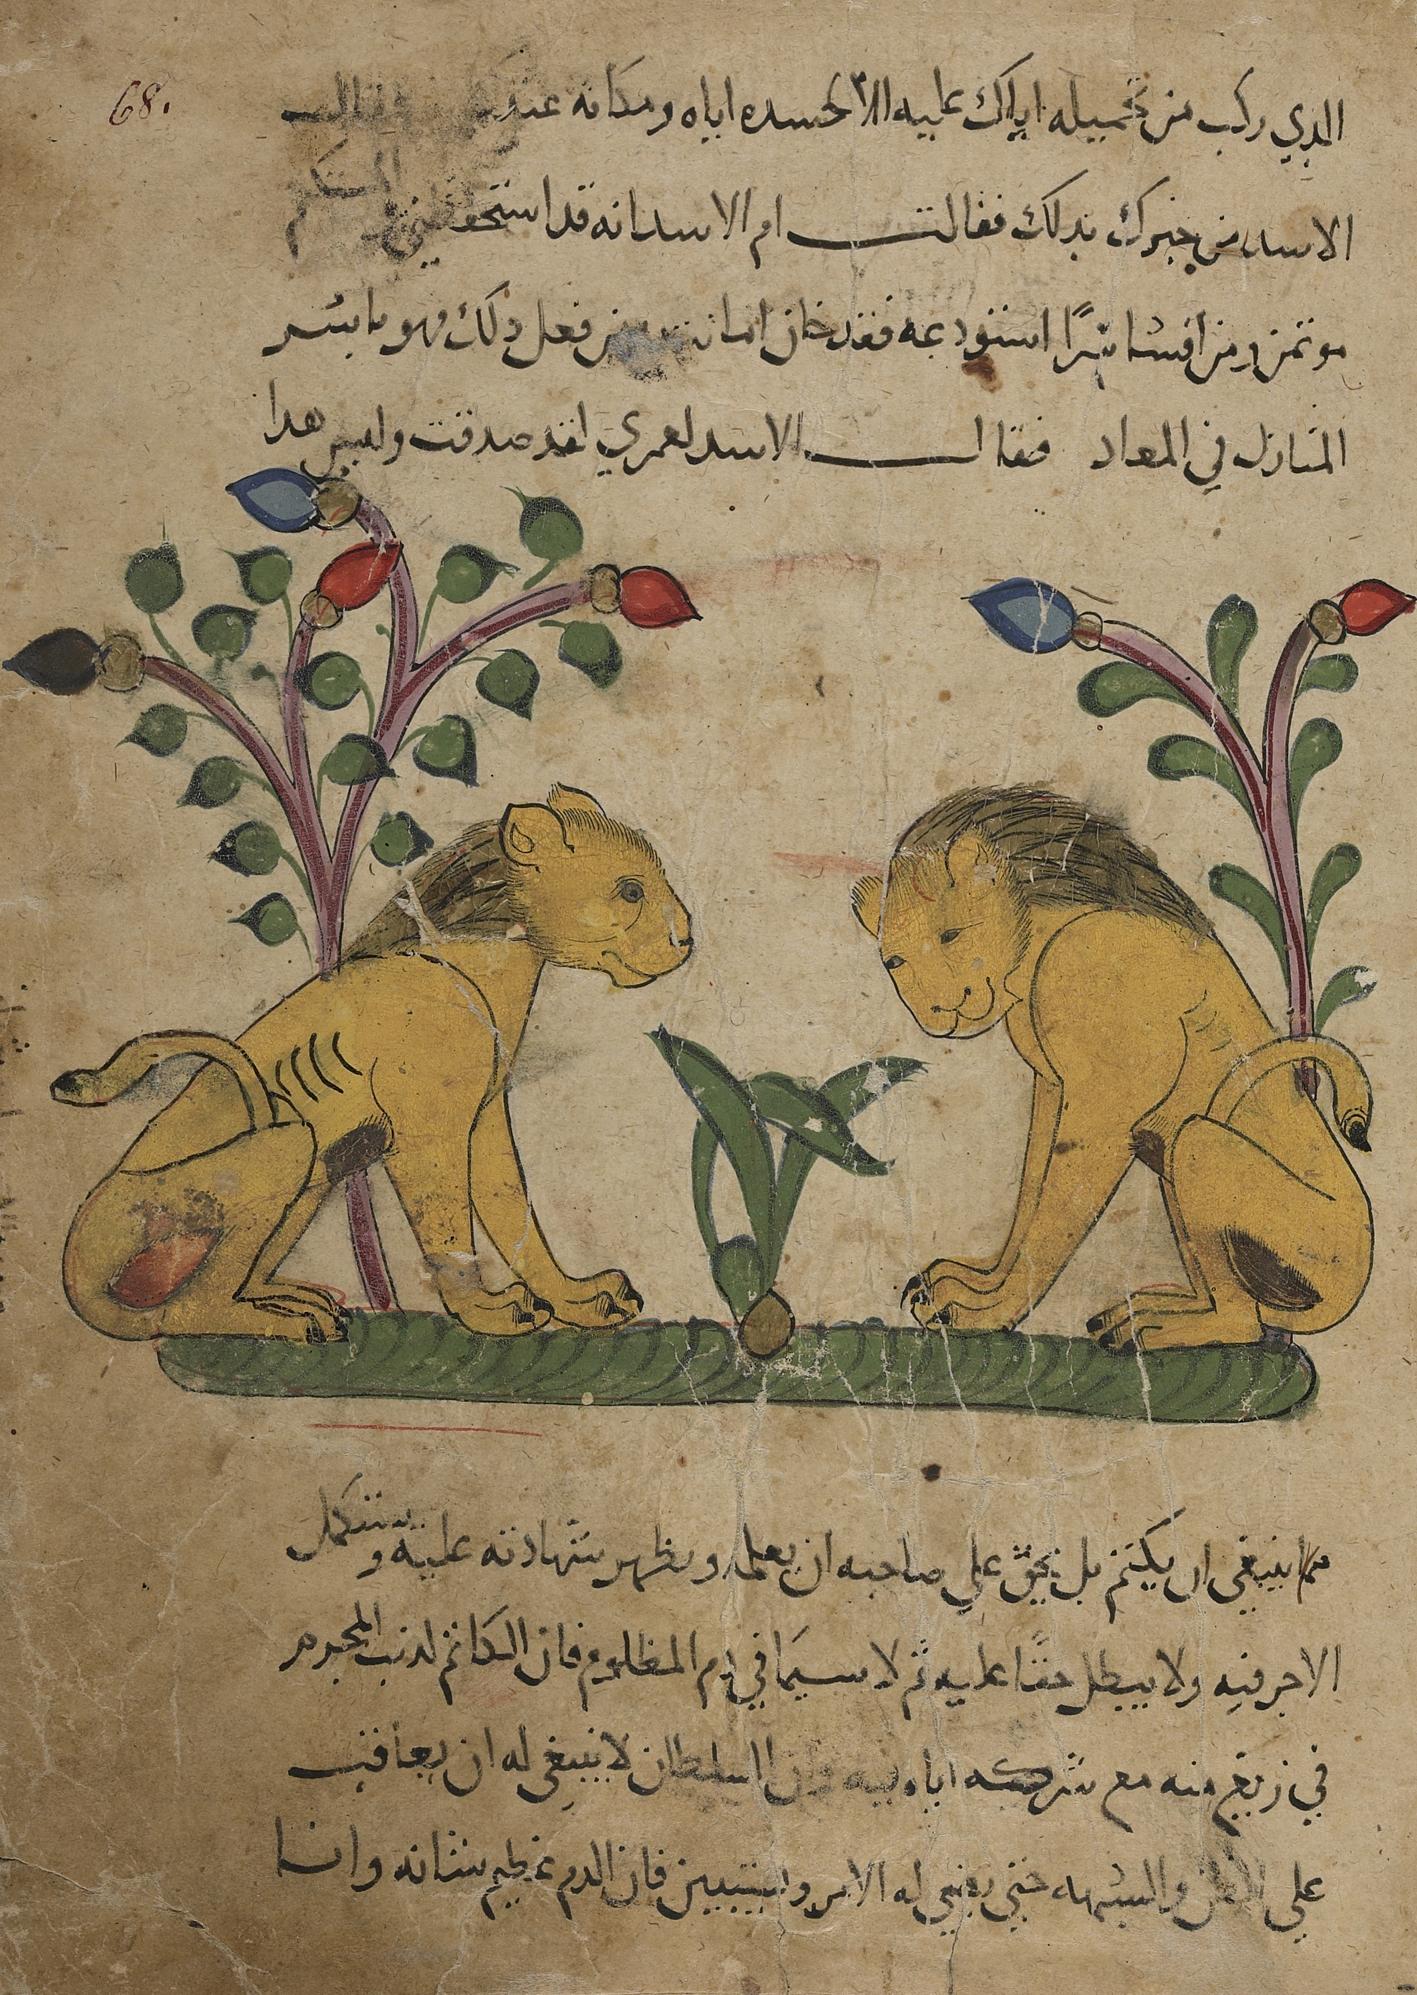 """Miniatura dal codice """"Il miracolo della creazione"""" di al-Kazwini (Iraq, 1280)."""